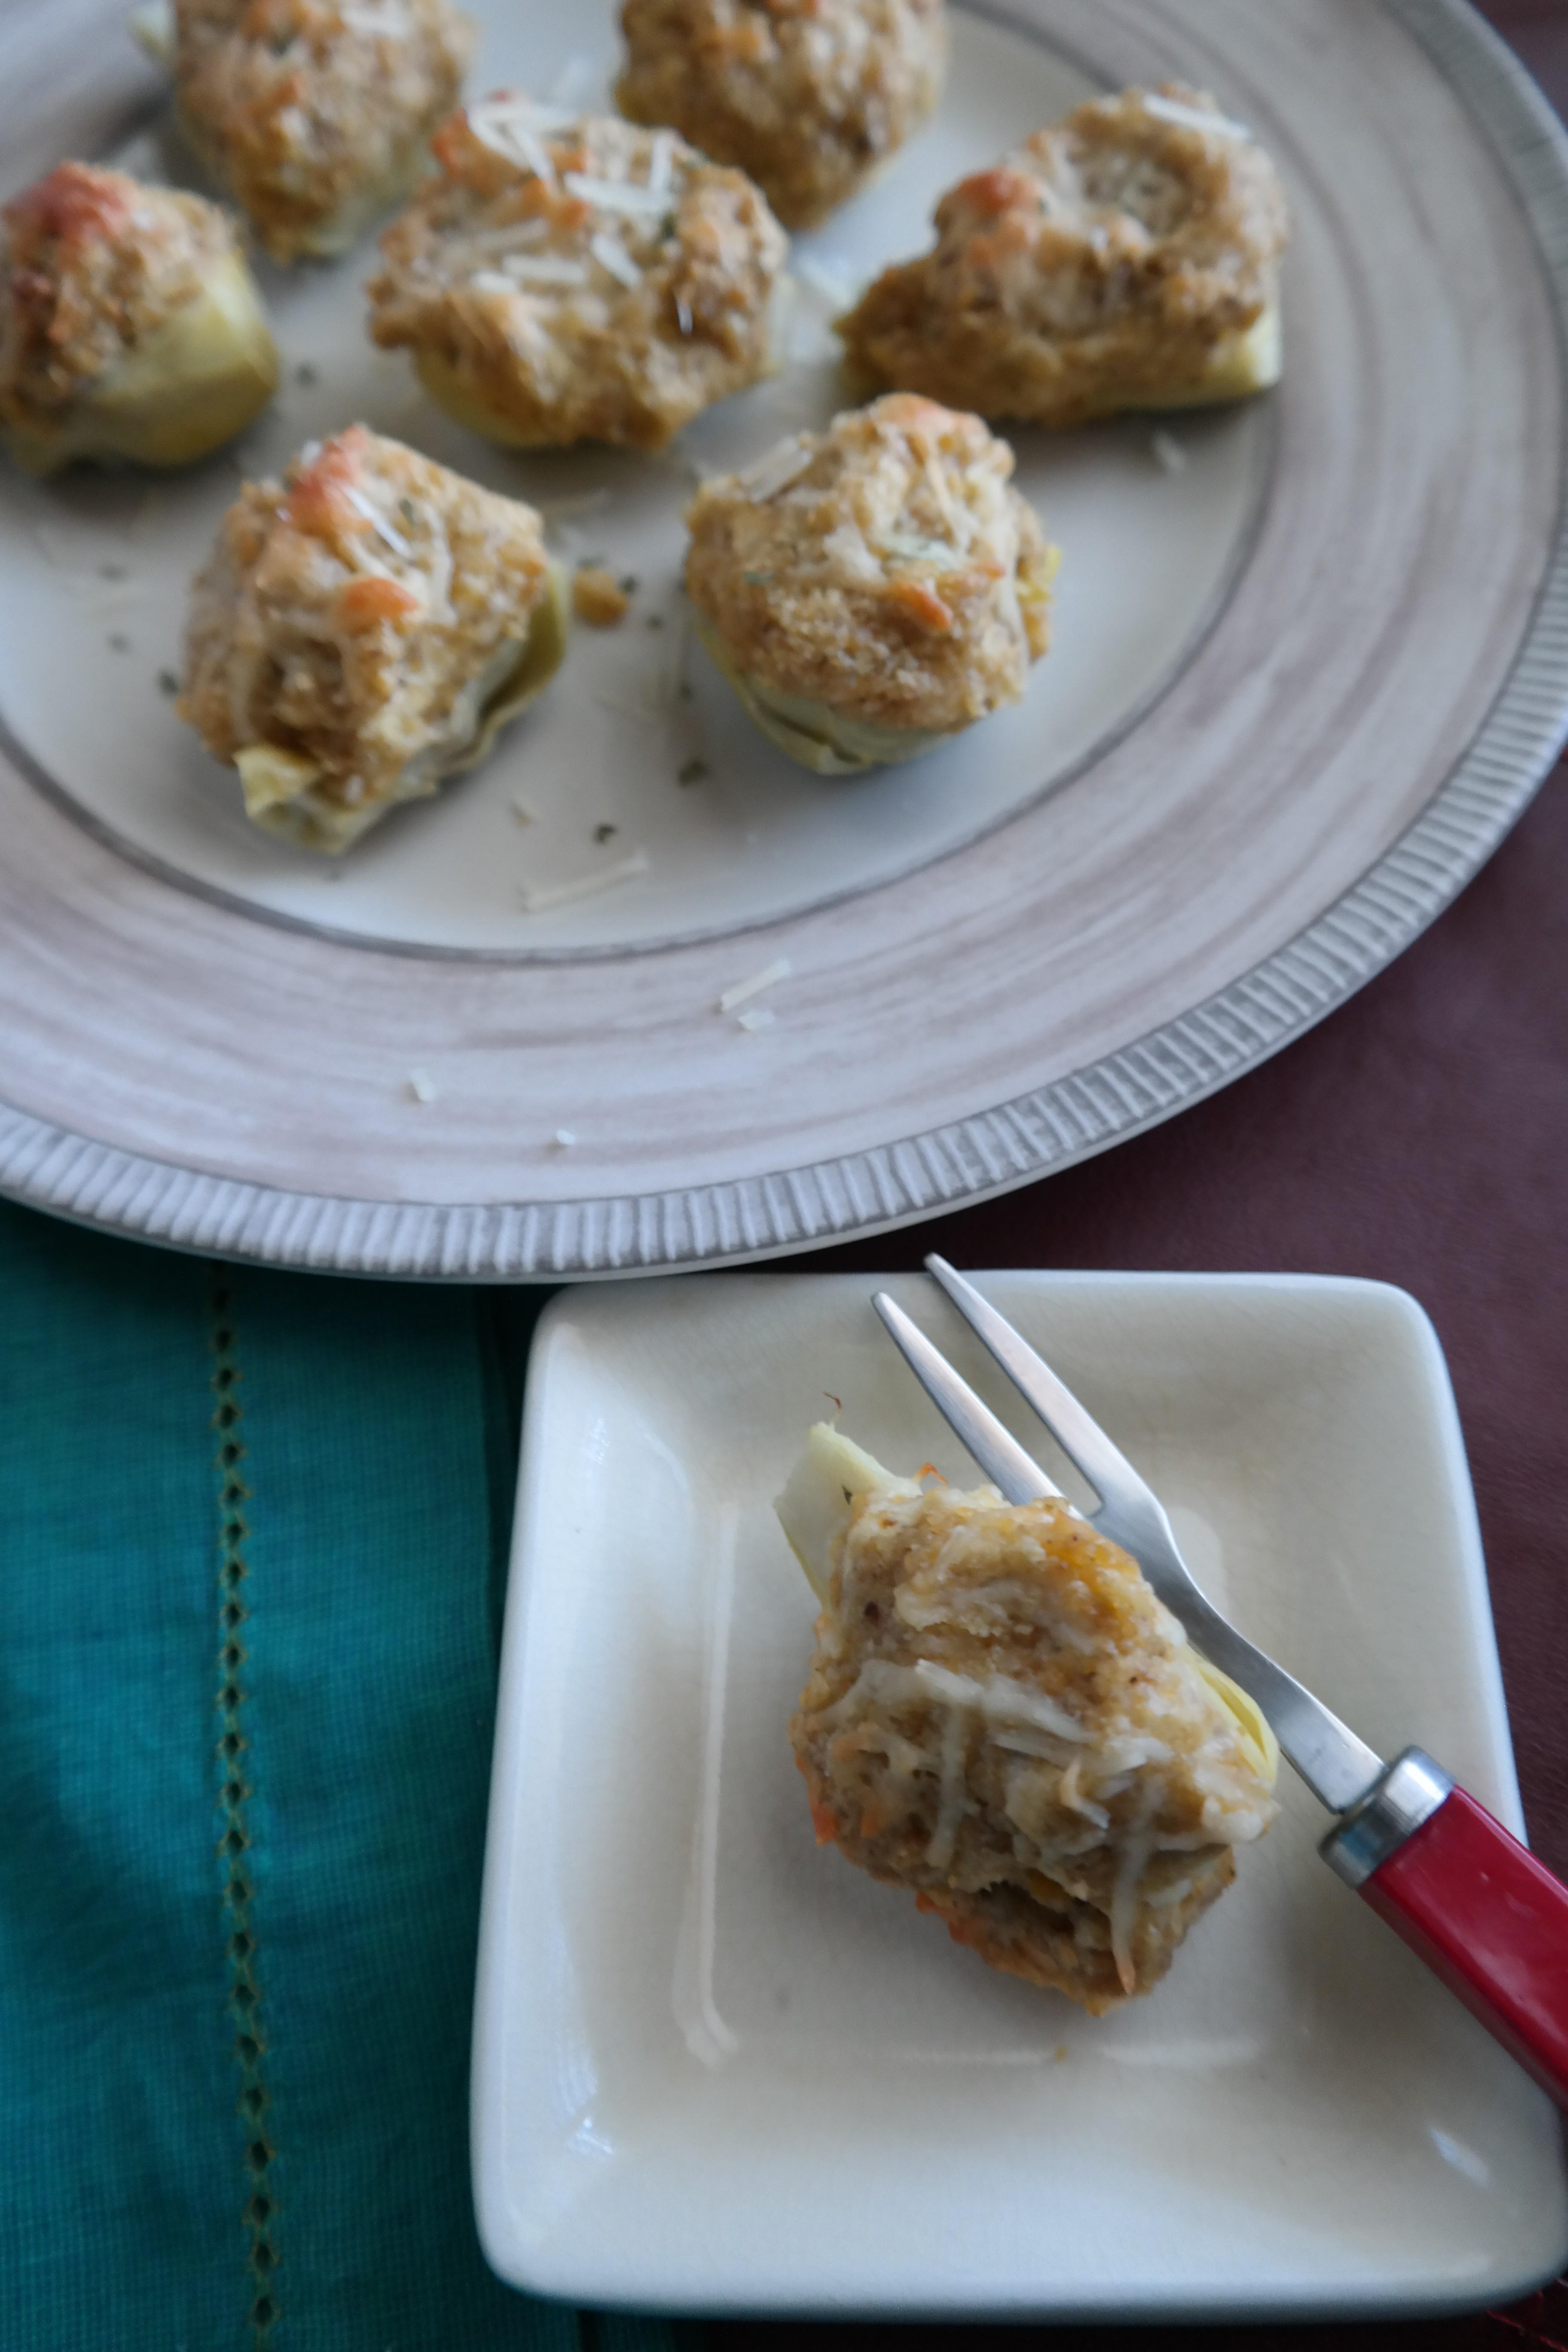 Fried Oyster Stuffed Artichokes